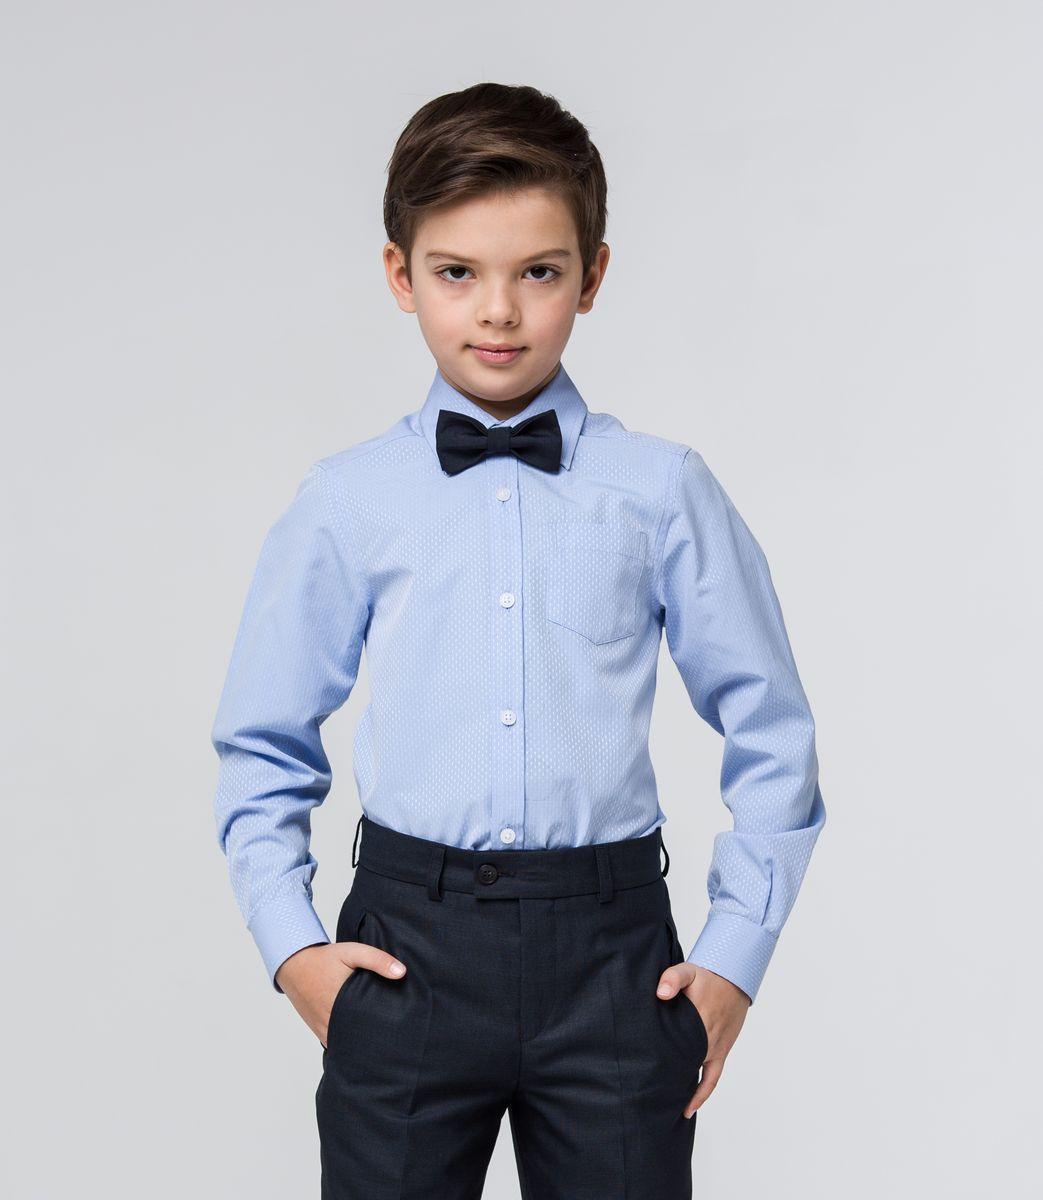 Рубашка для мальчика Silver Spoon, цвет: светло-синий. SSFSB-629-13830-319. Размер 164SSFSB-629-13830-319Стильная рубашка Silver Spoon станет отличным дополнением к школьному гардеробу вашего мальчика. Модель, выполненная из хлопка с добавлением полиэстера, необычайно мягкая и приятная на ощупь, не сковывает движения и позволяет коже дышать. Рубашка классического кроя с длинными рукавами и отложным воротником застегивается на пуговицы по всей длине. На манжетах предусмотрены застежки-пуговицы. На груди расположен накладной карман. Модель оформлена оригинальным принтом.